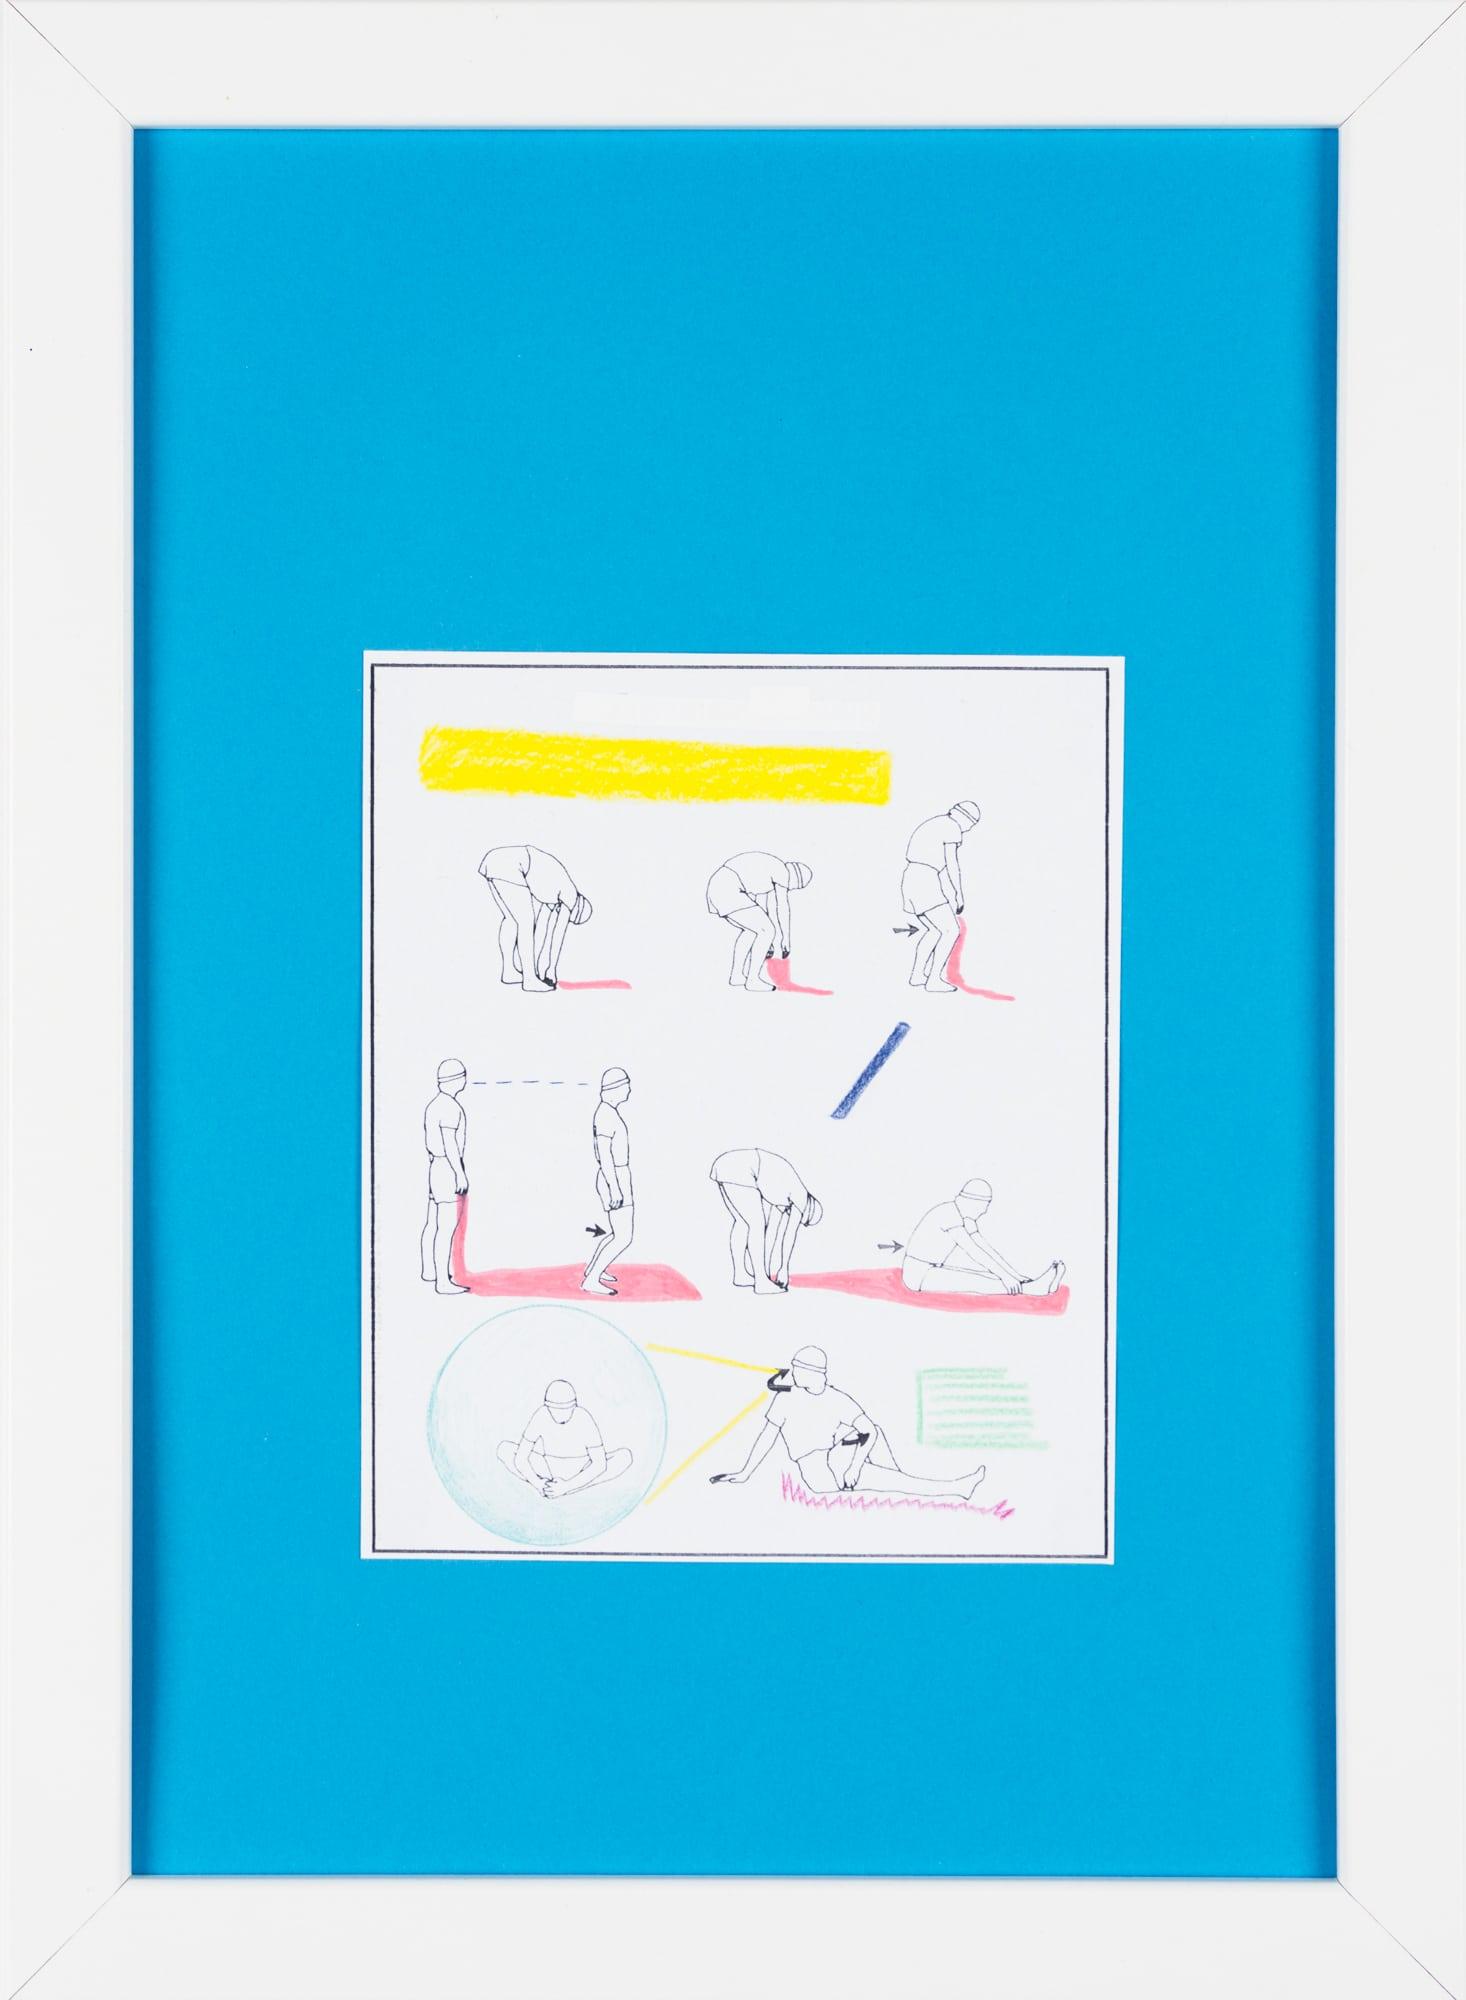 Übermalung und Mischtechnik auf Papier, 12,6x15,2cm, Originalgrafik zum gleichnamigen Booklet, Künstlerin: Franziska King